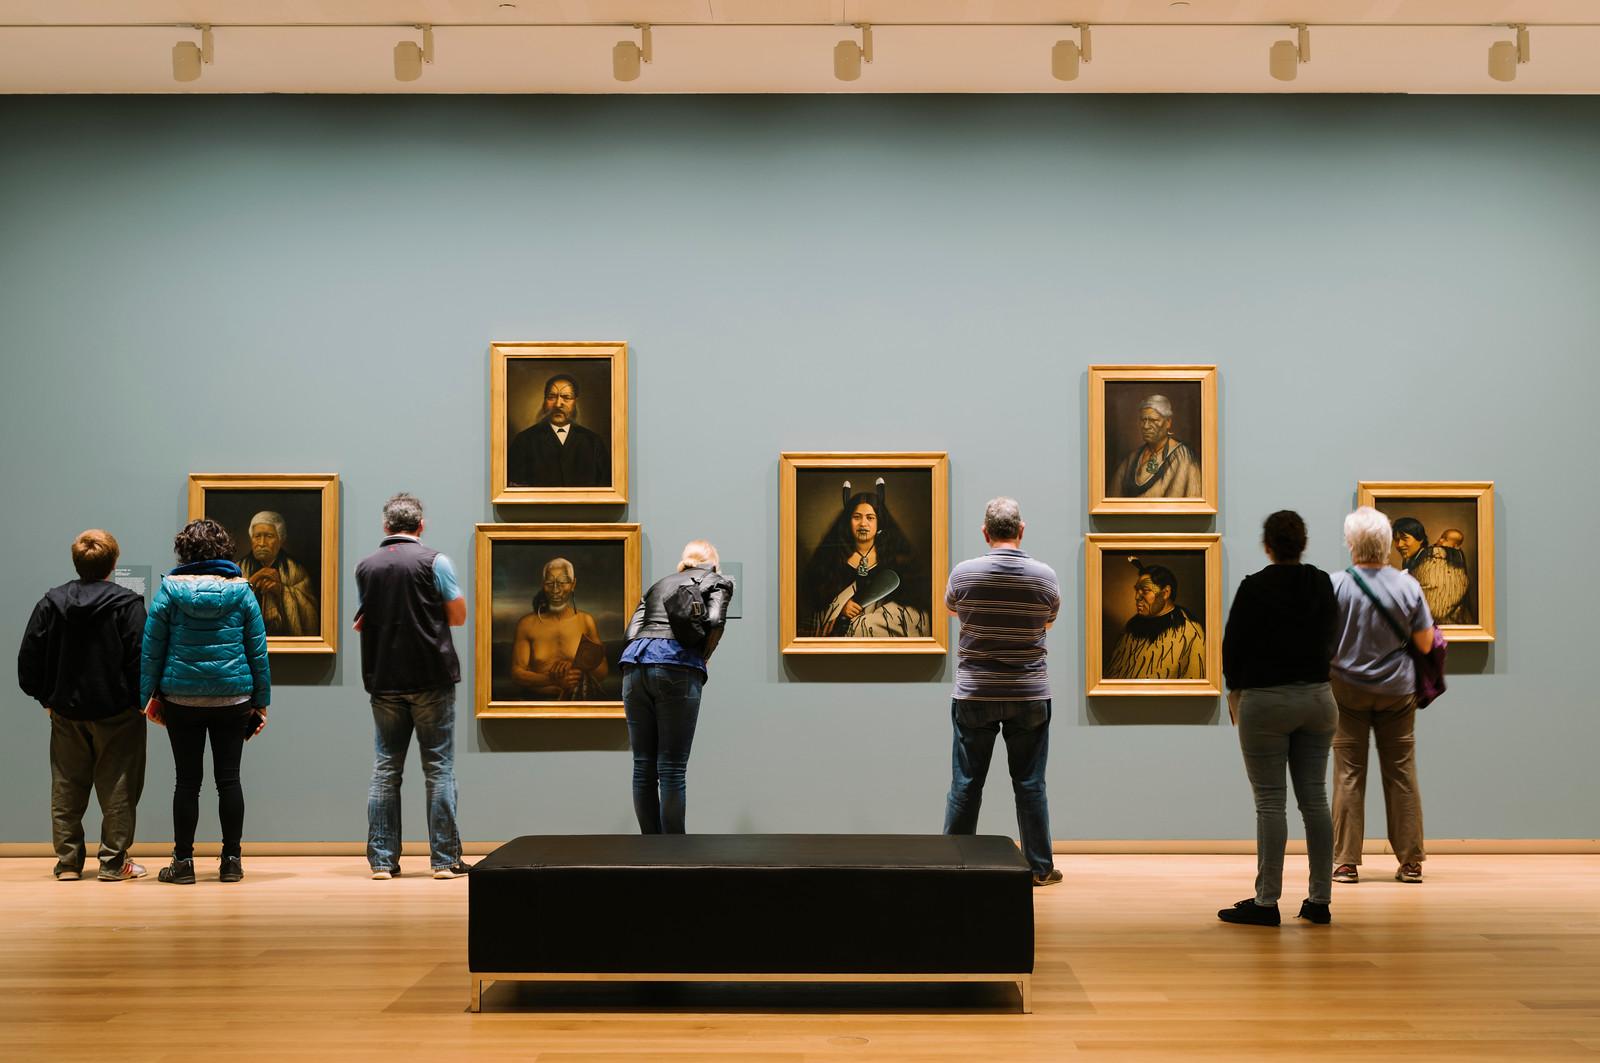 Kết quả hình ảnh cho gallery art